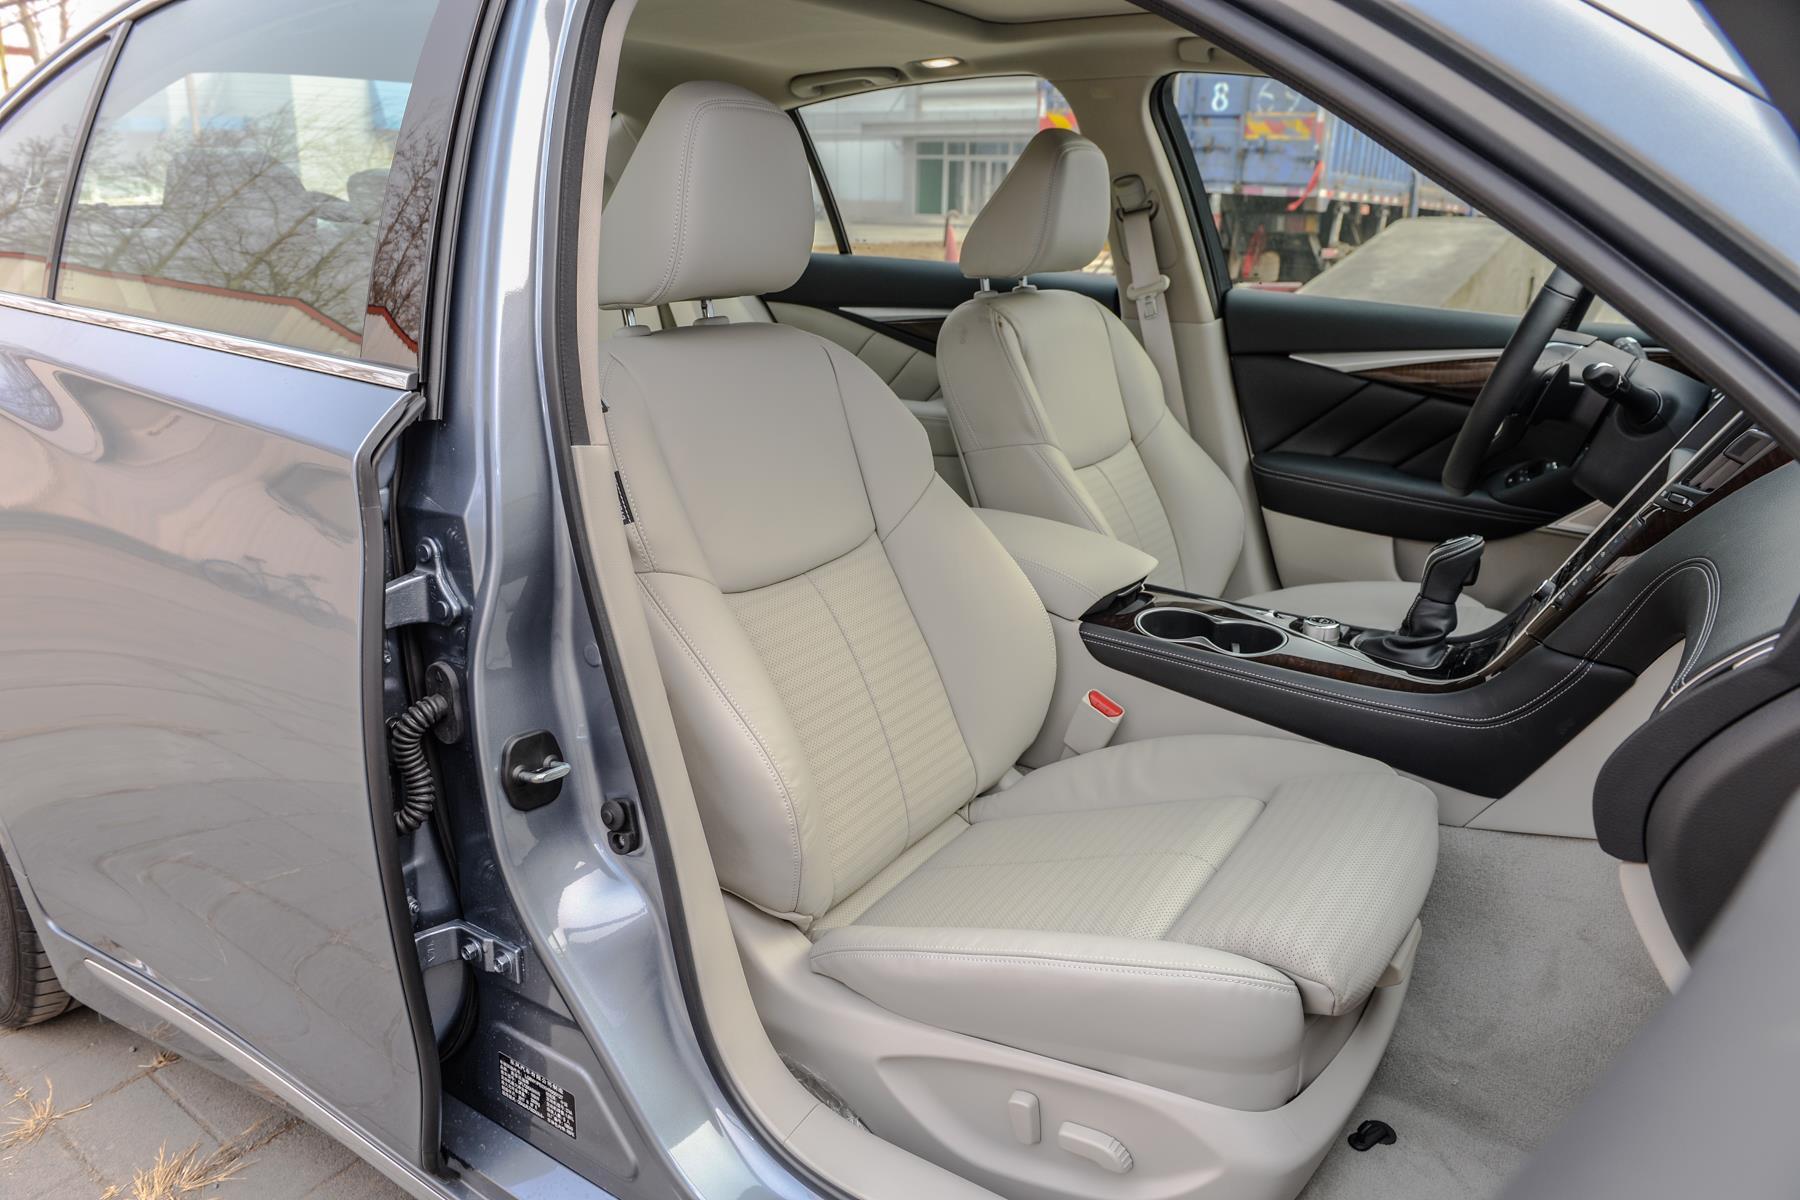 舒适与运动兼得 2018款英菲尼迪Q50L试驾